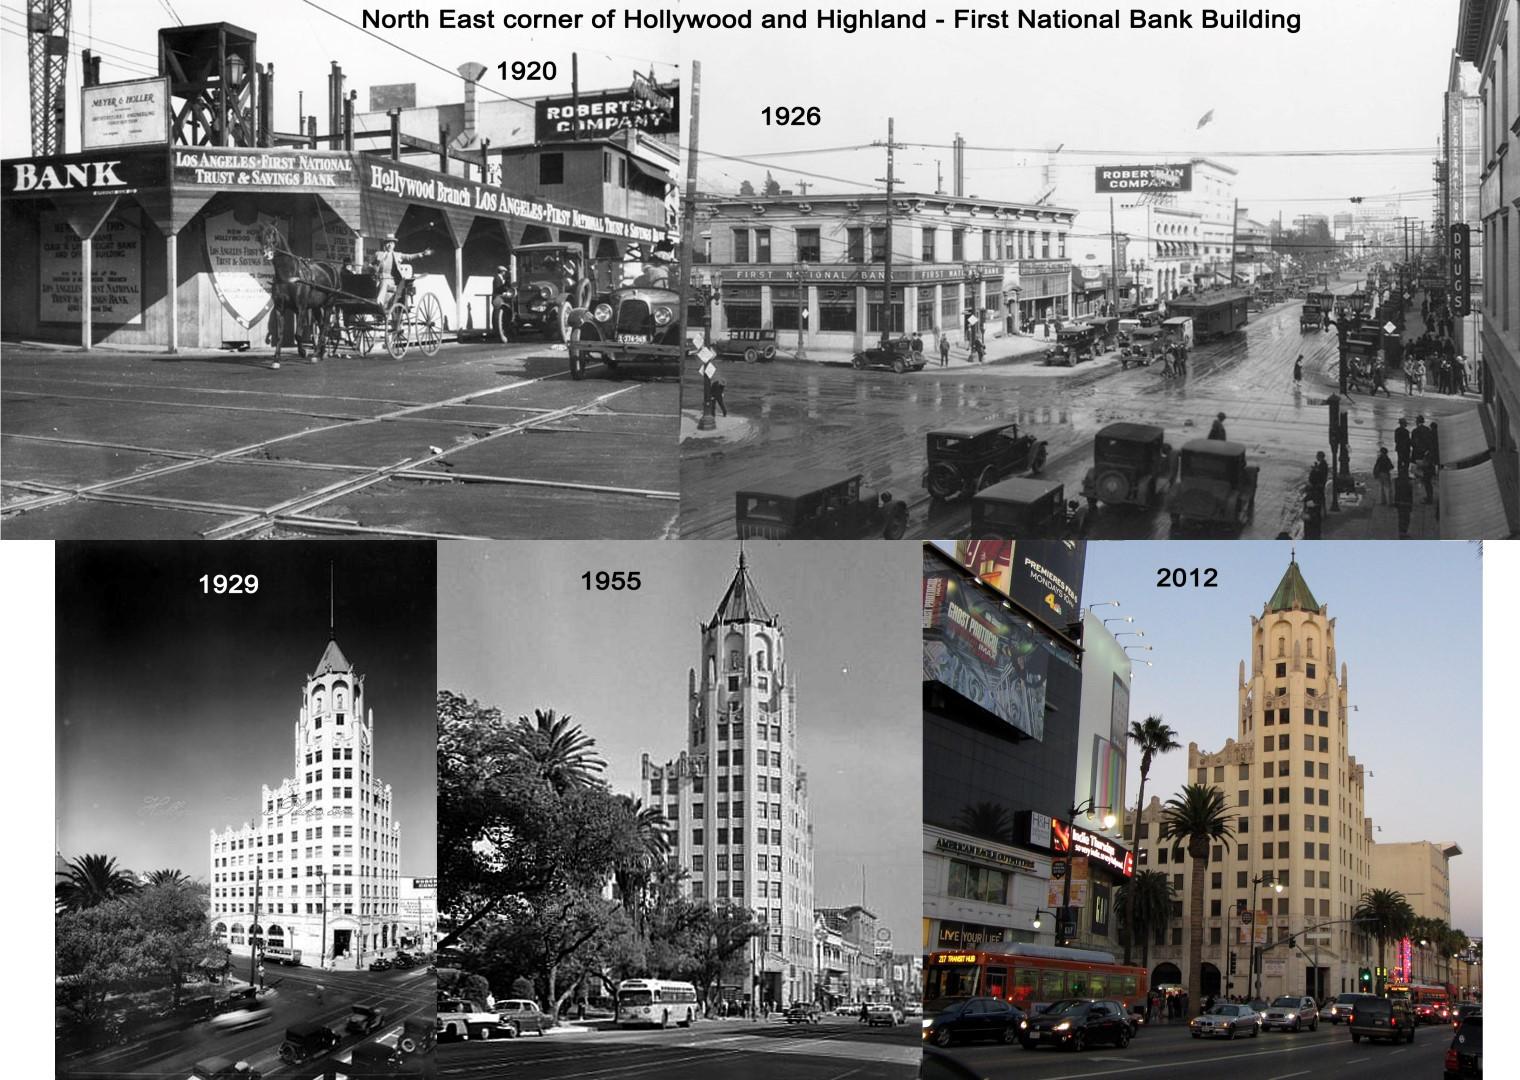 NE Corner Hollywood and Highland 1920 - 2012